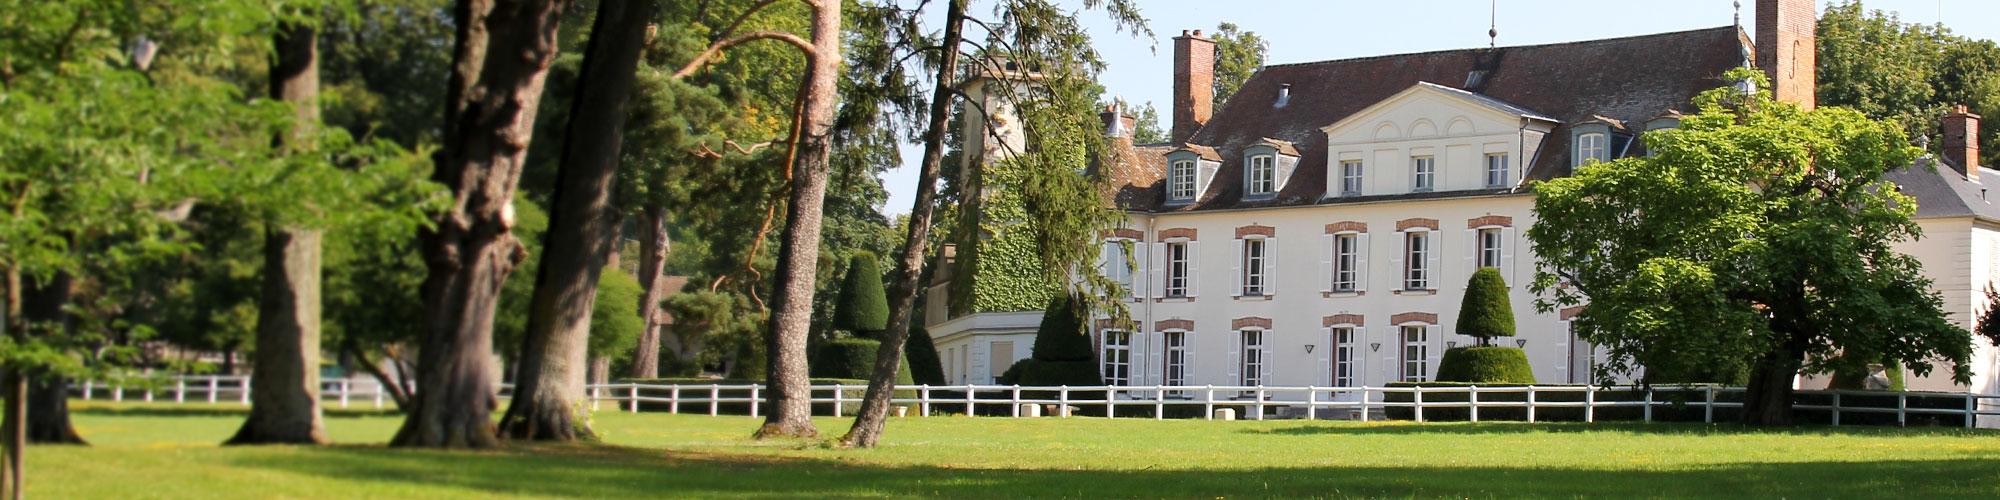 SAS, Château de Grégy, France